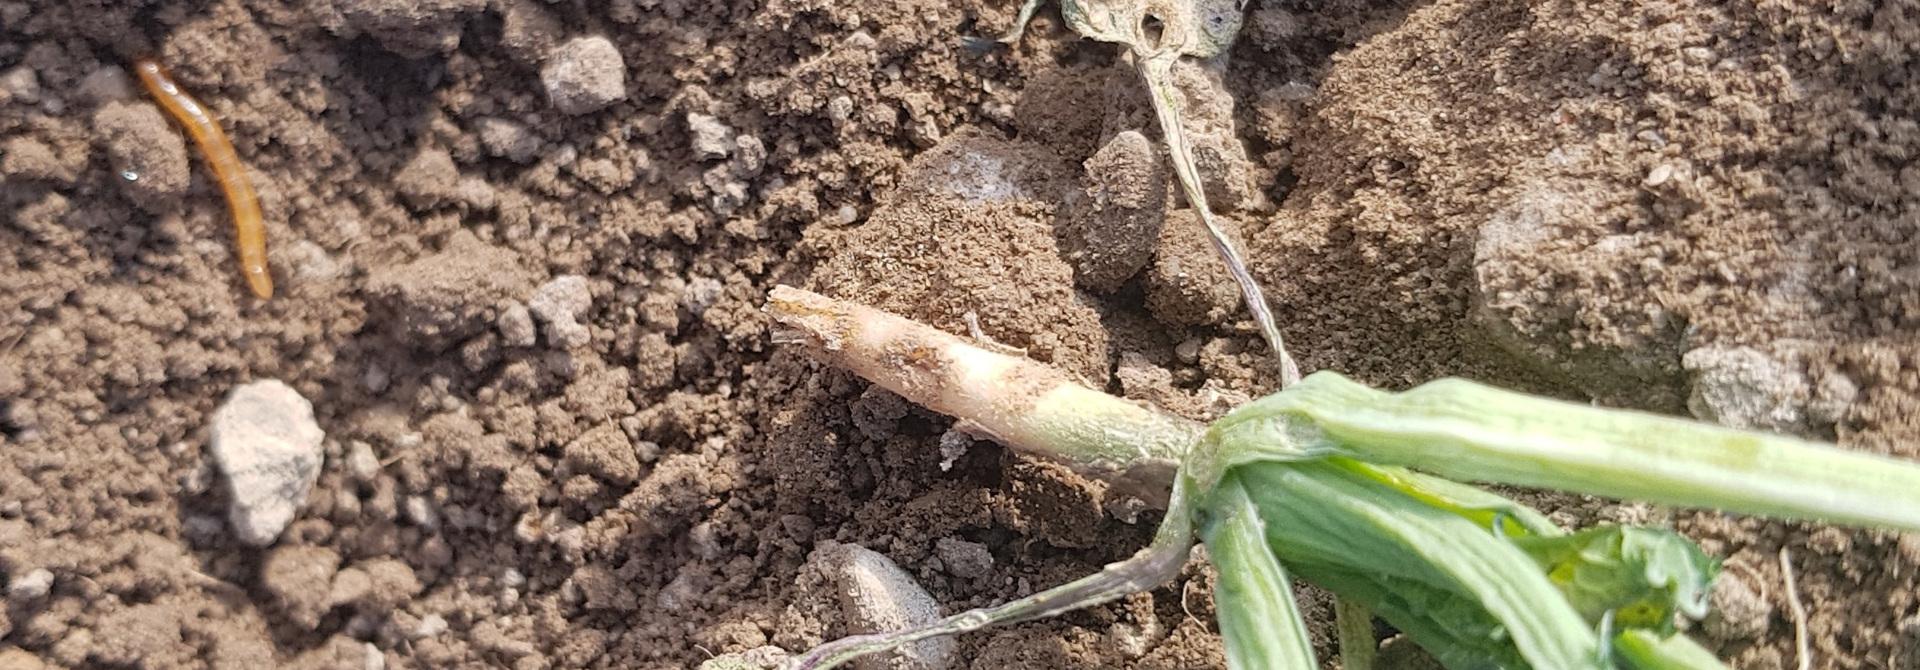 Drahtwurm frisst Rapspflanze an>